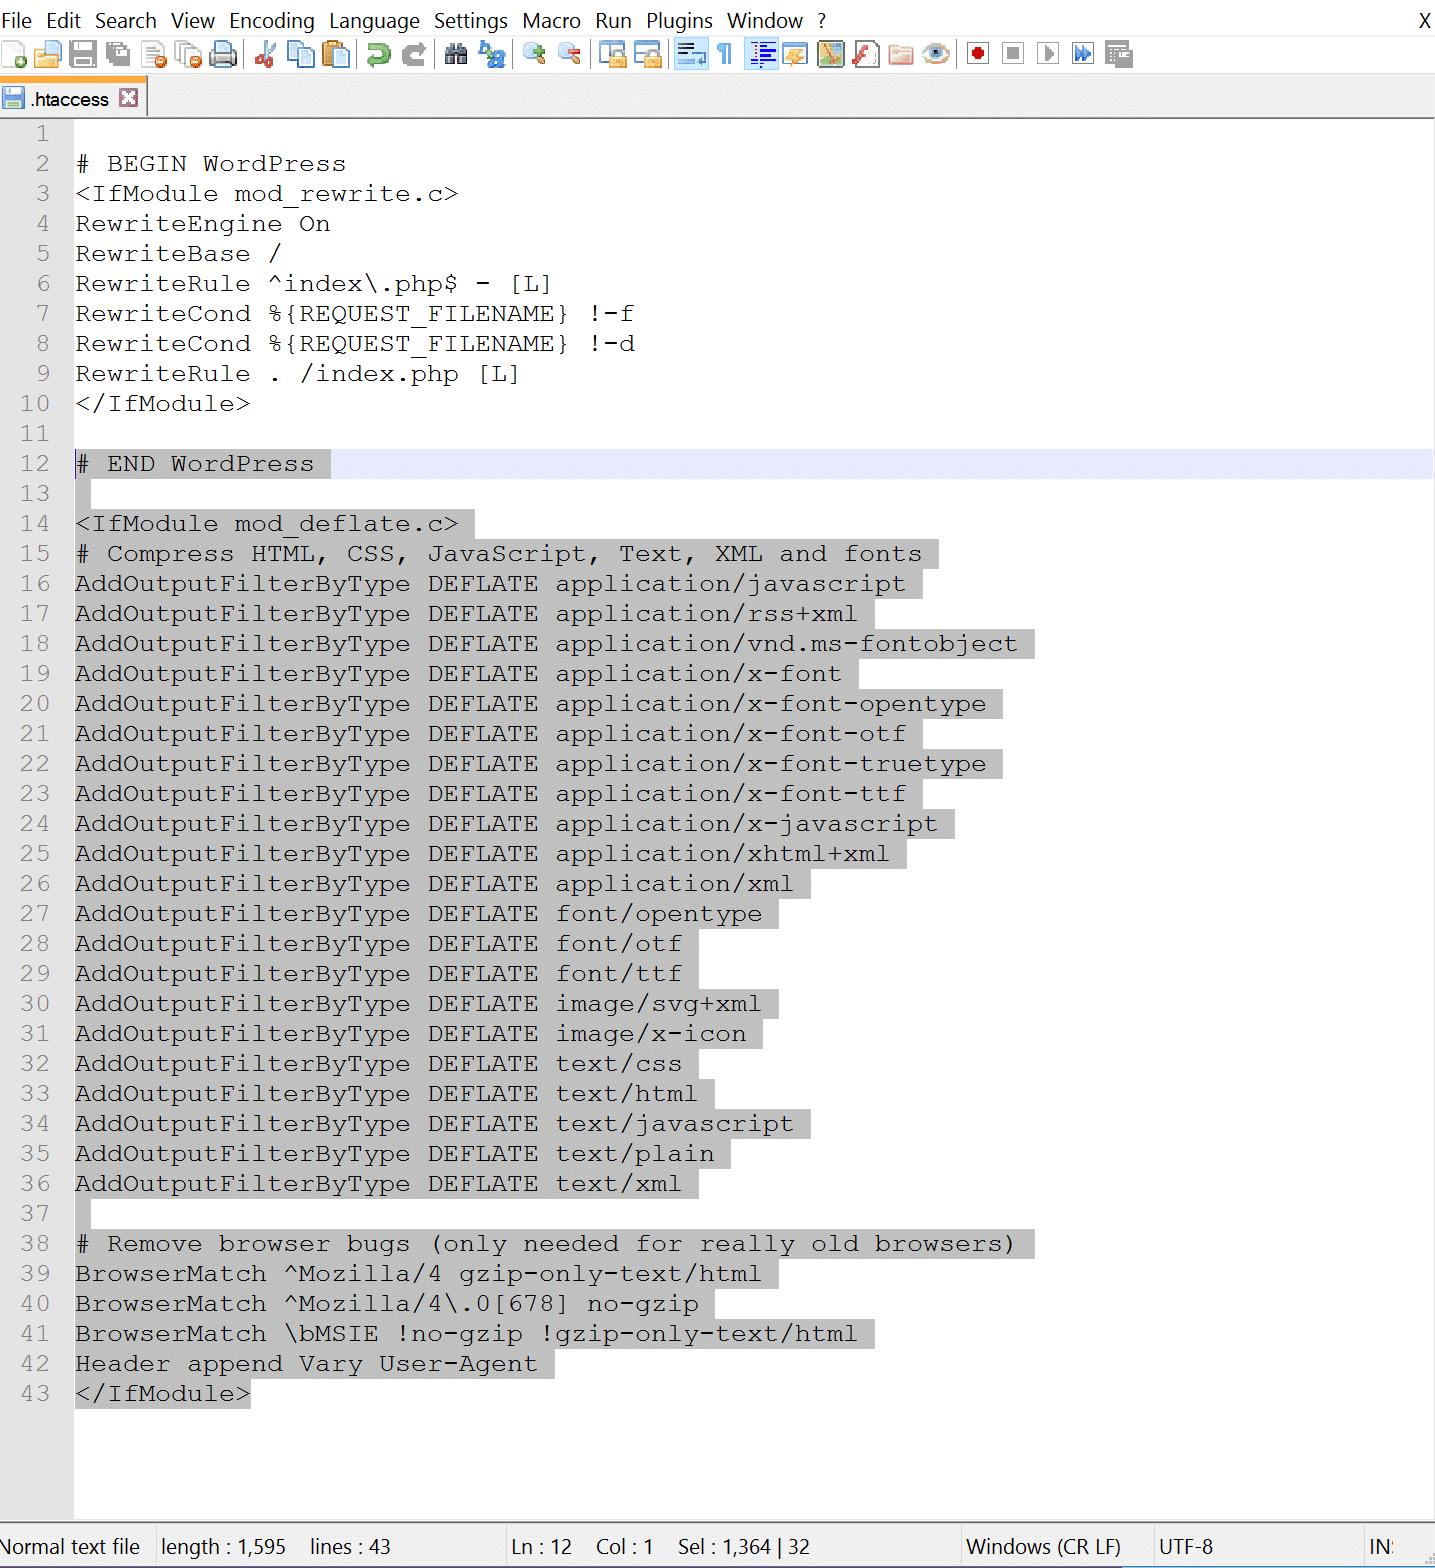 GZIP圧縮コードの追加